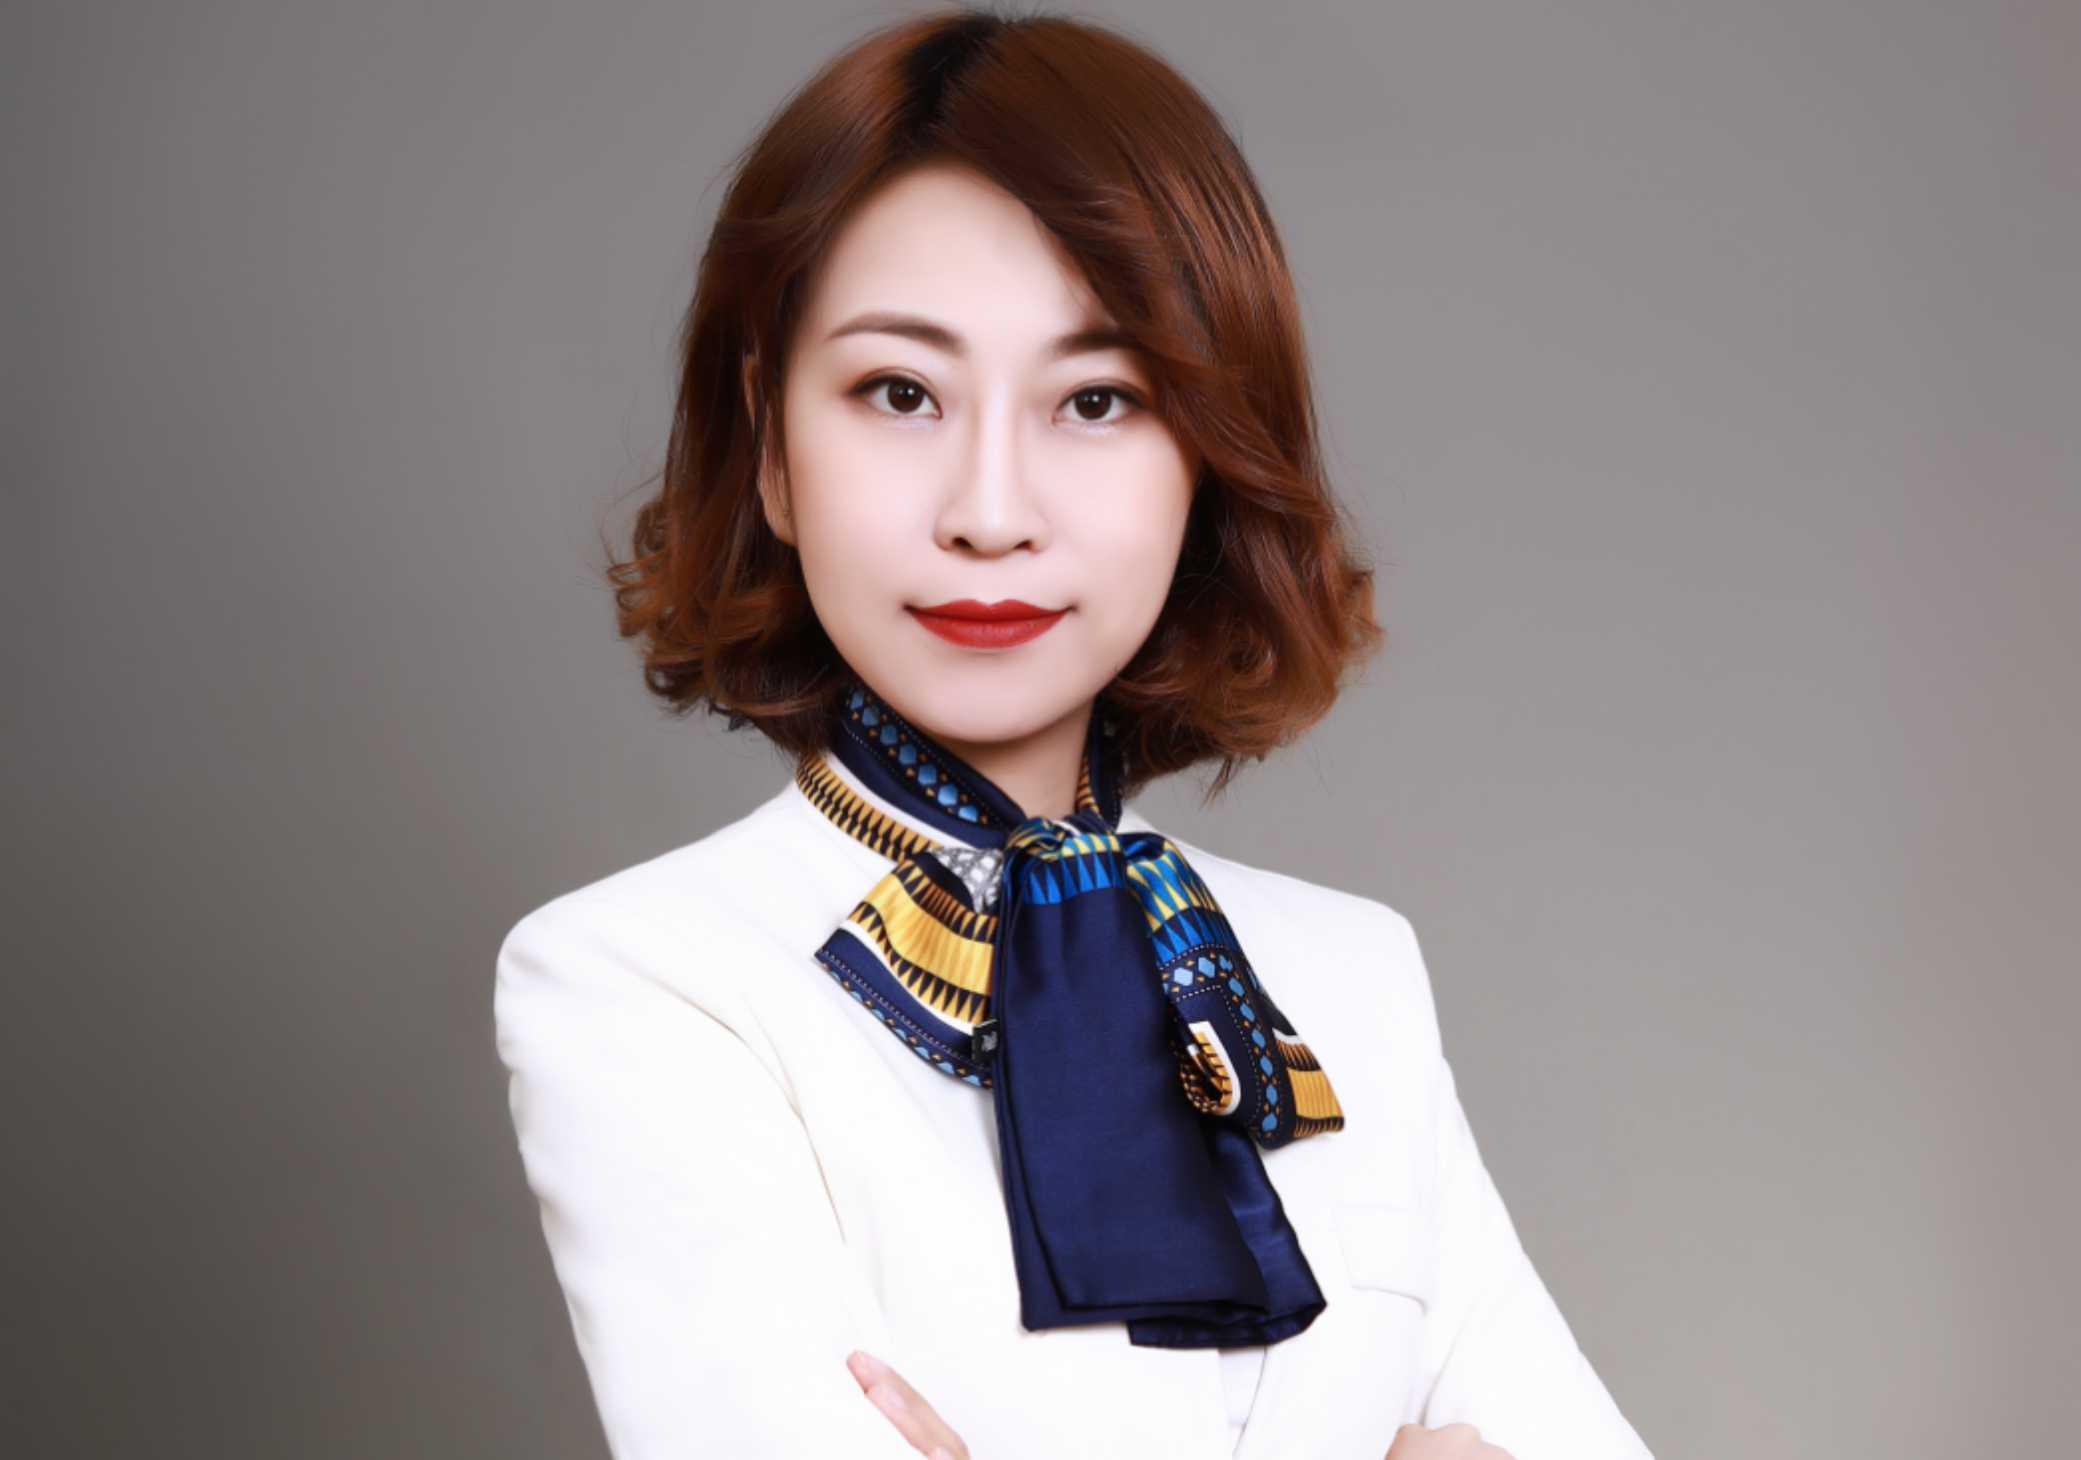 高志博律师